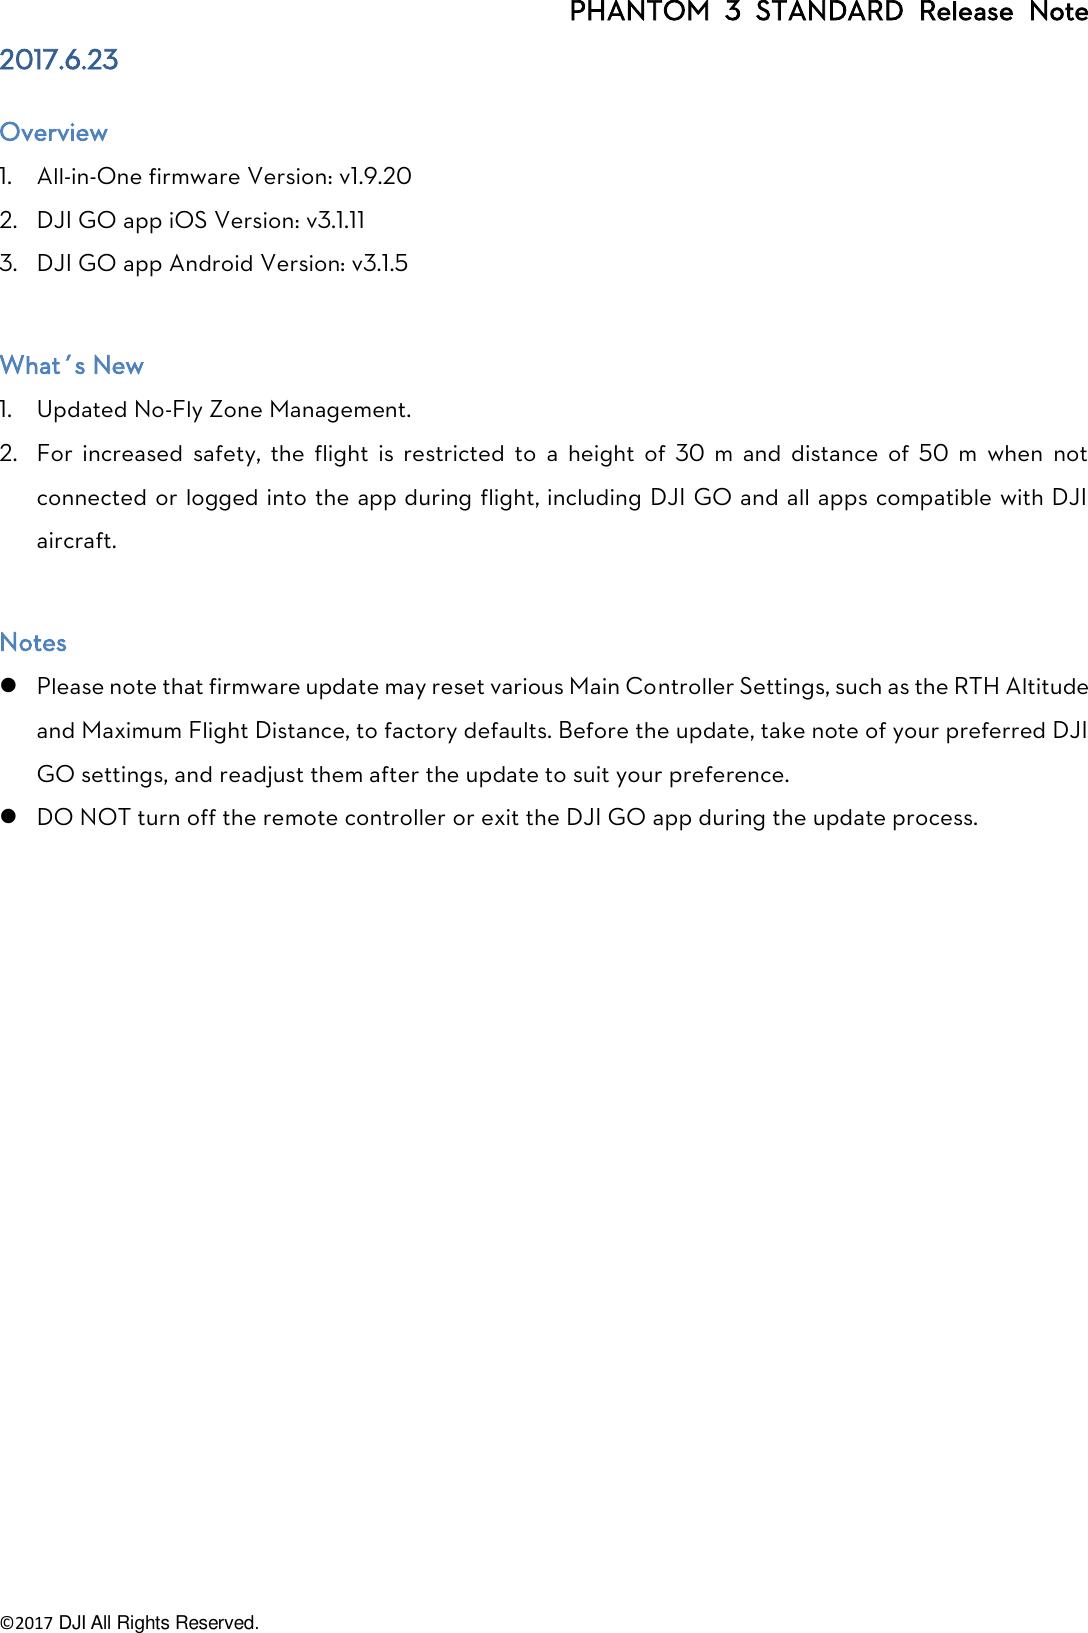 DJI Phantom 3 Standard Specs, FAQ, Manual, Video Tutorials